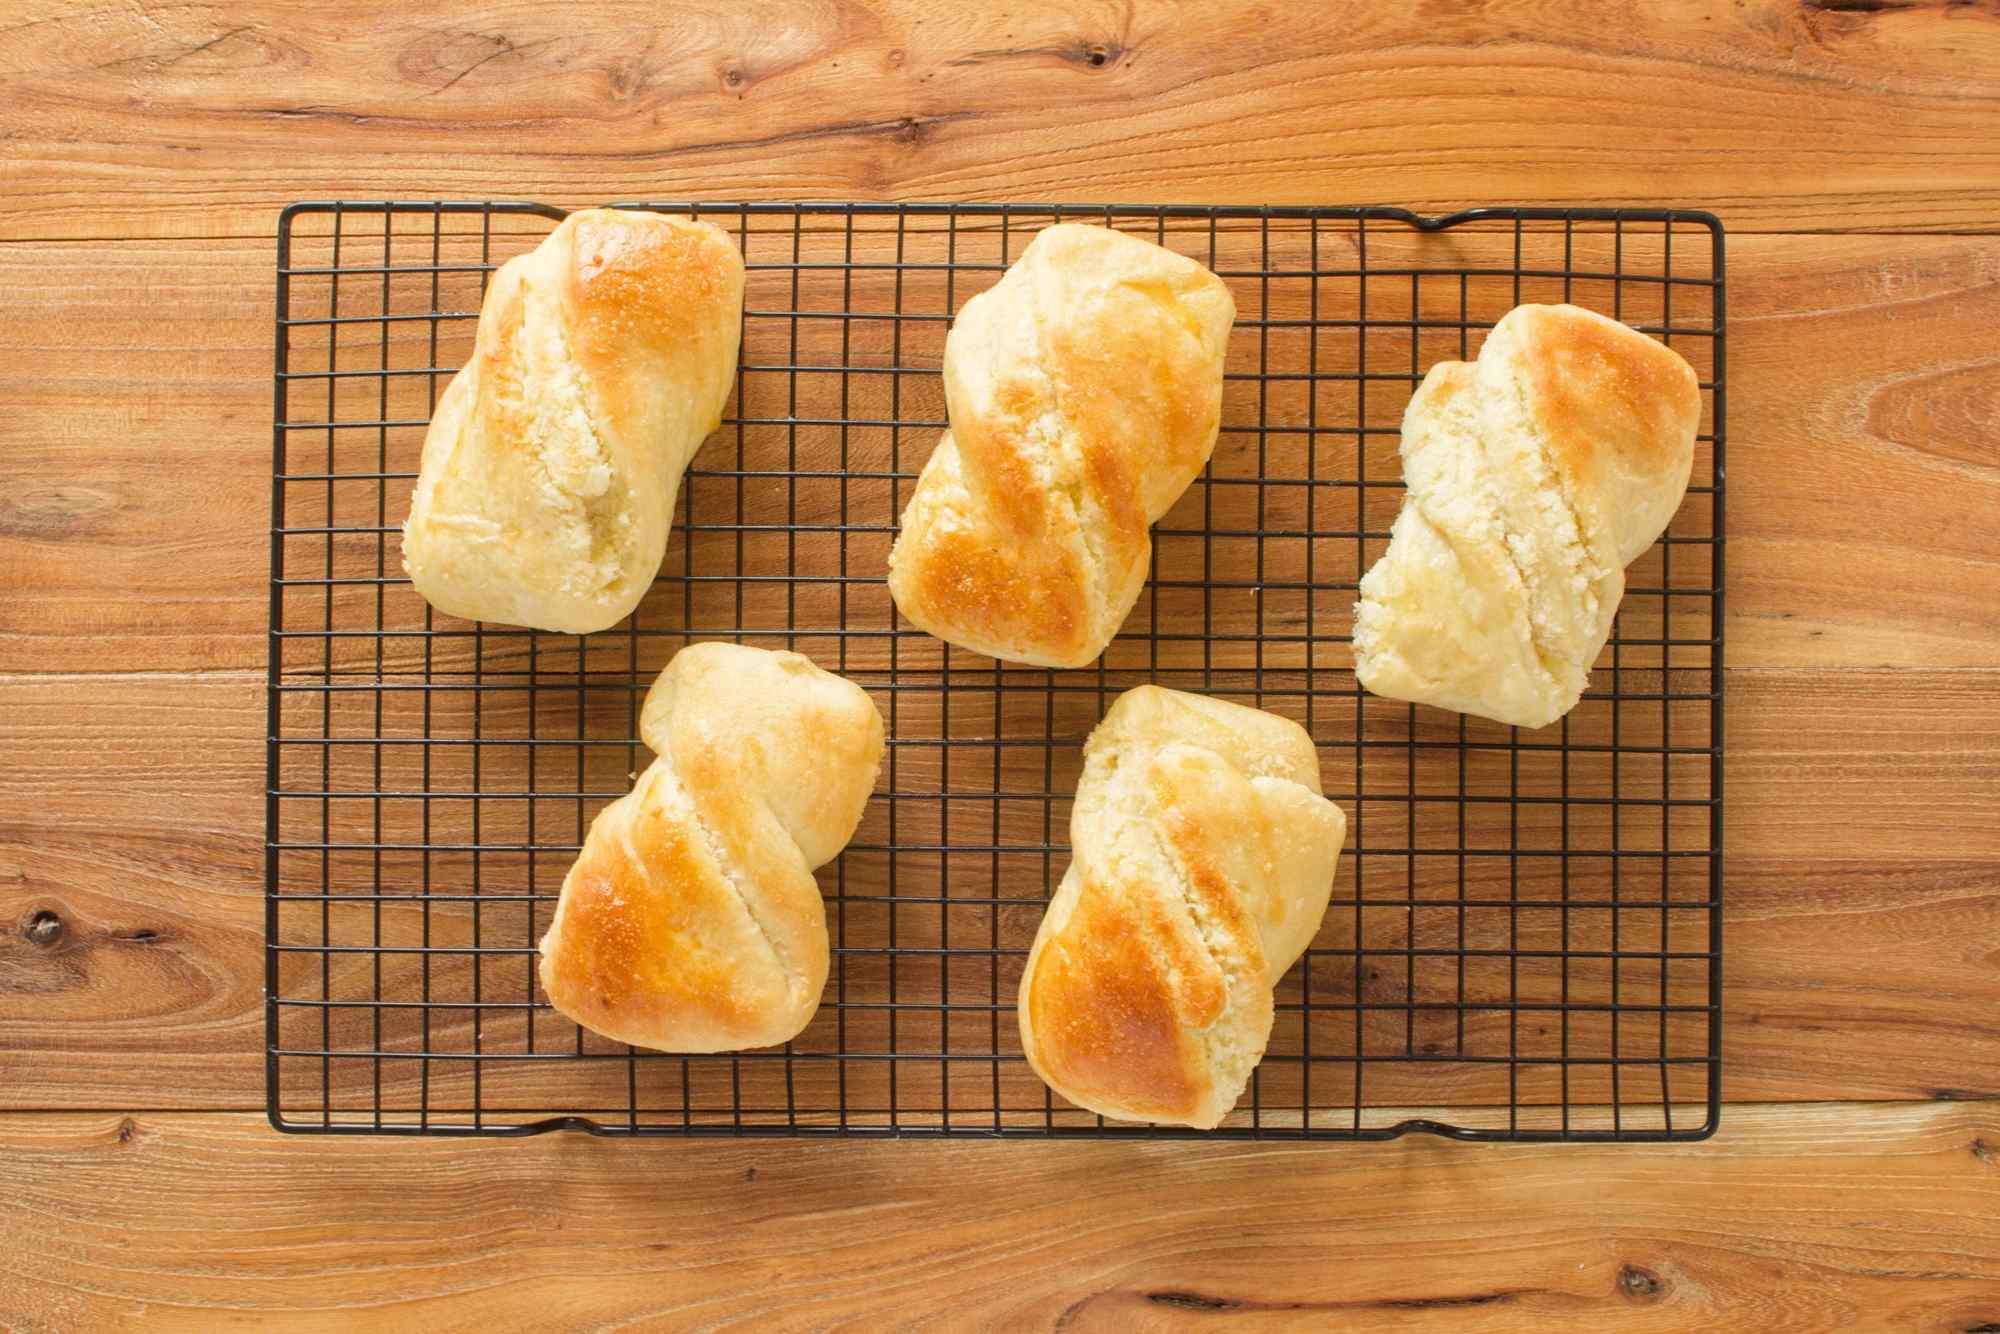 黄色小清新面包图片高清美食壁纸